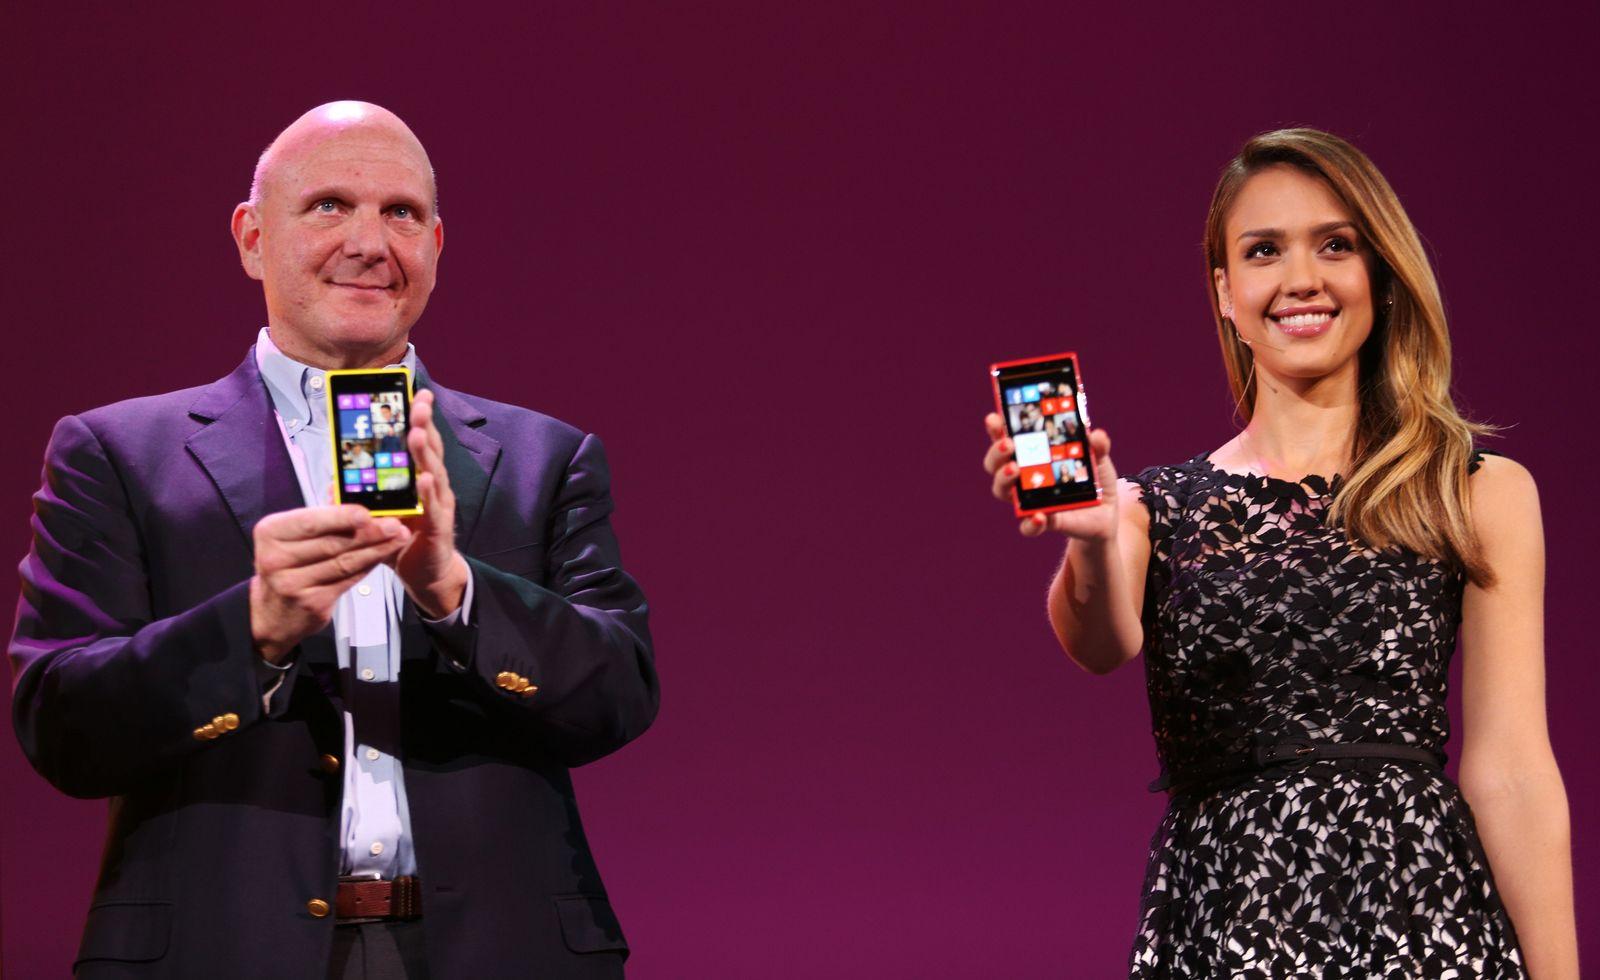 Windows Phone 8 Jessica Alba